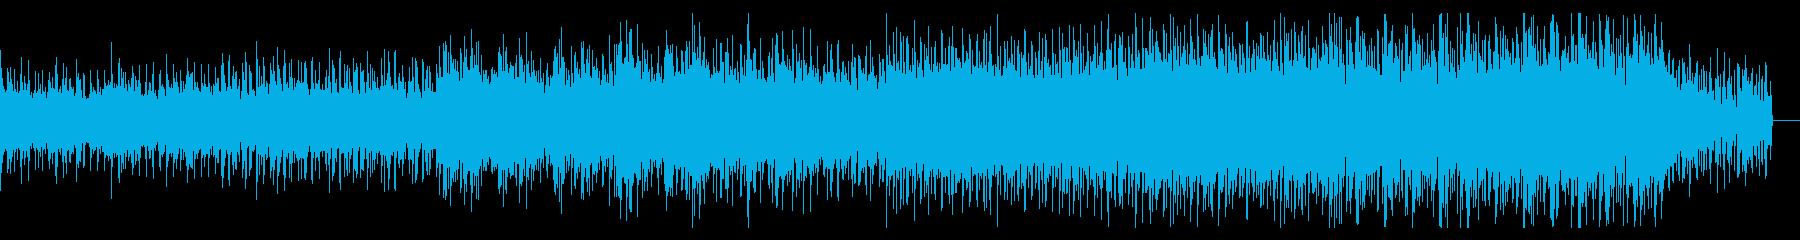 パーカッシブなホラーアンビエントの再生済みの波形